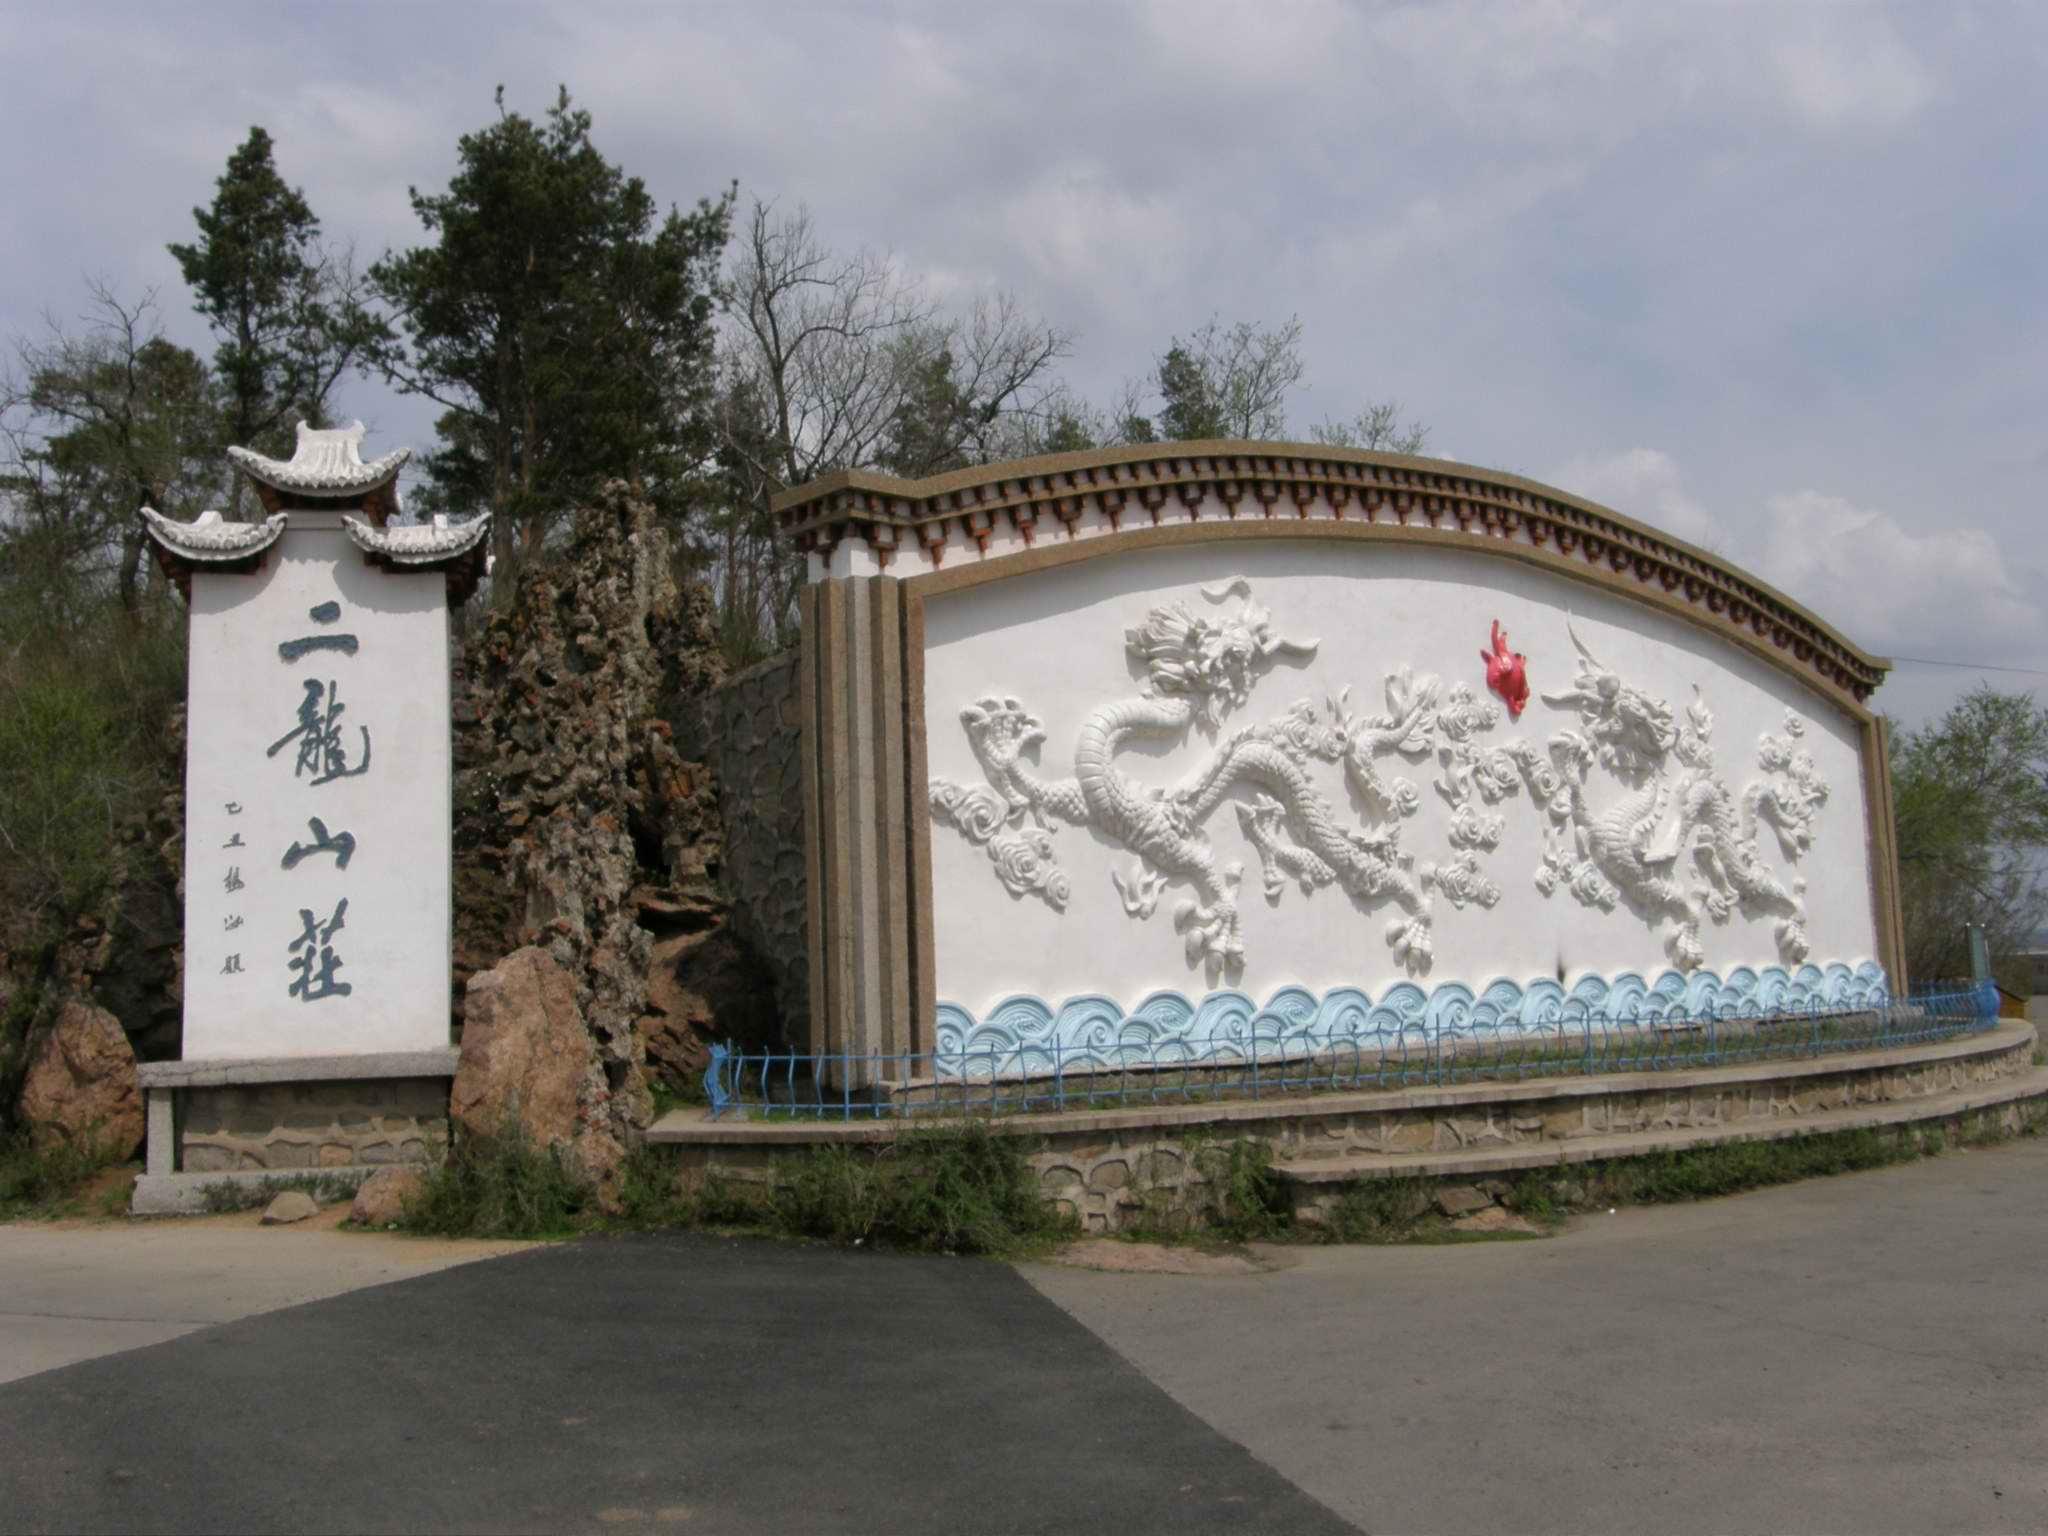 二龙山风景区论坛图片_宾县论坛